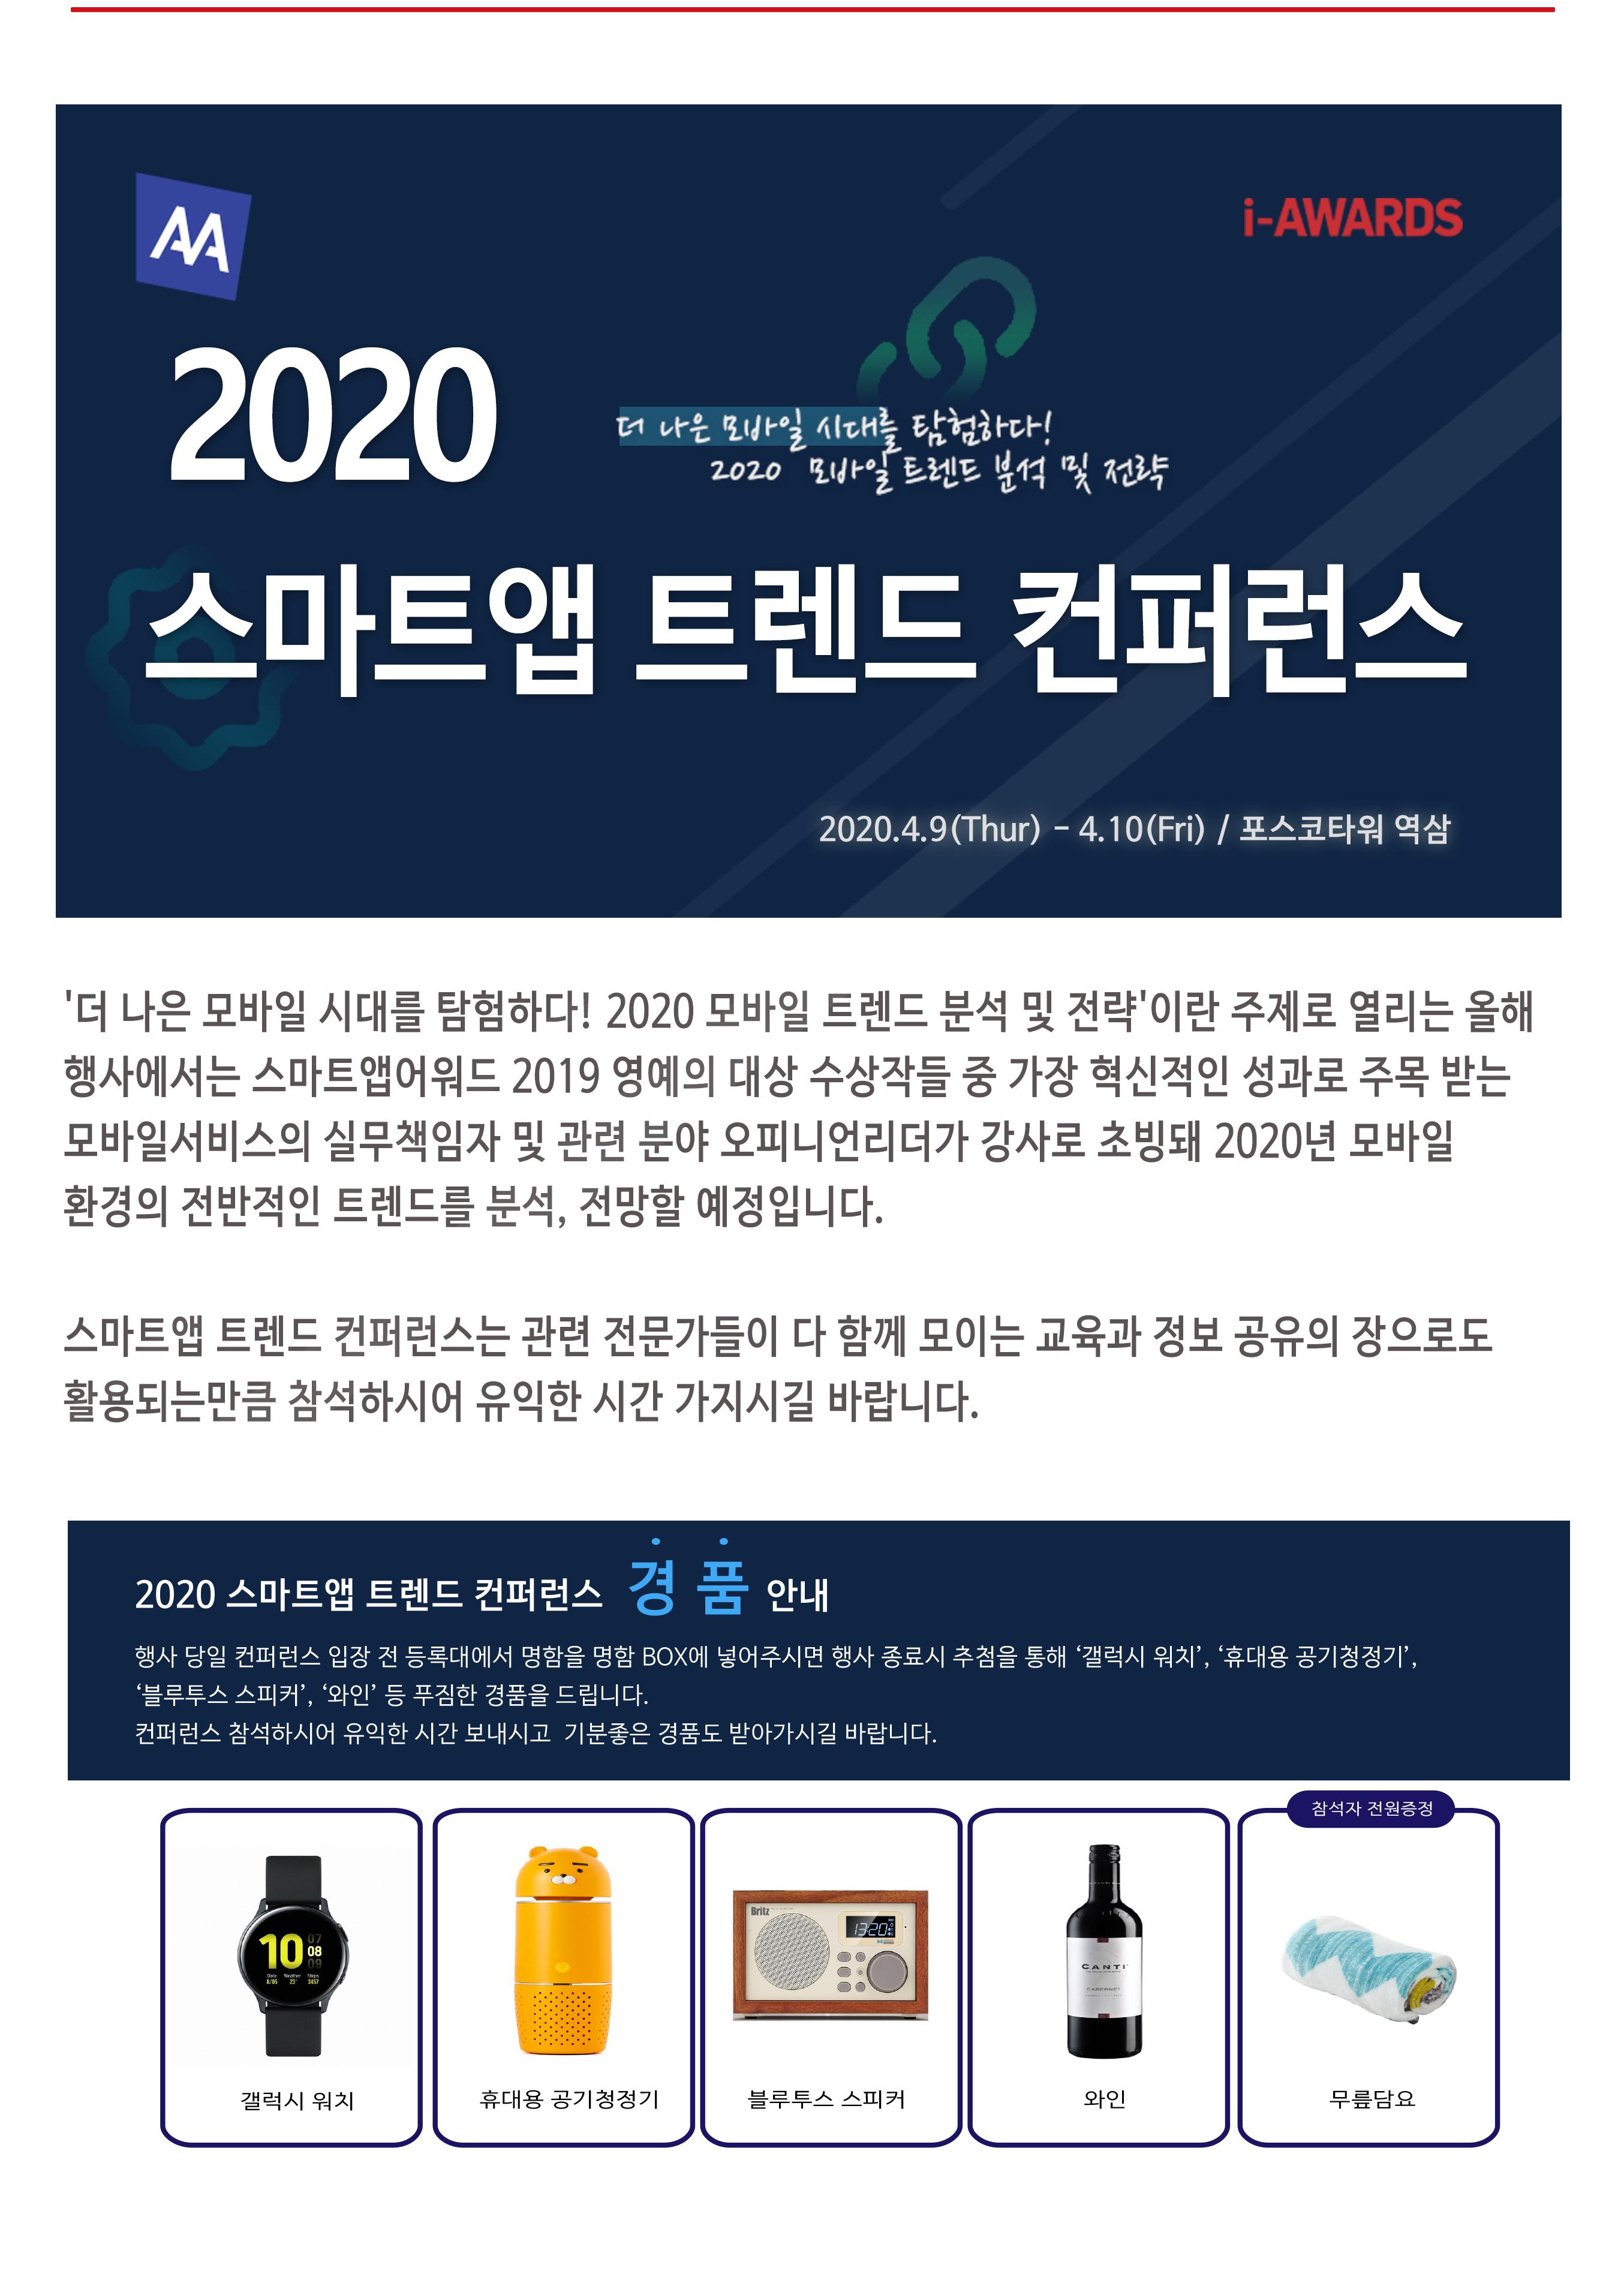 2020 스마트앱 트렌드 컨퍼런스